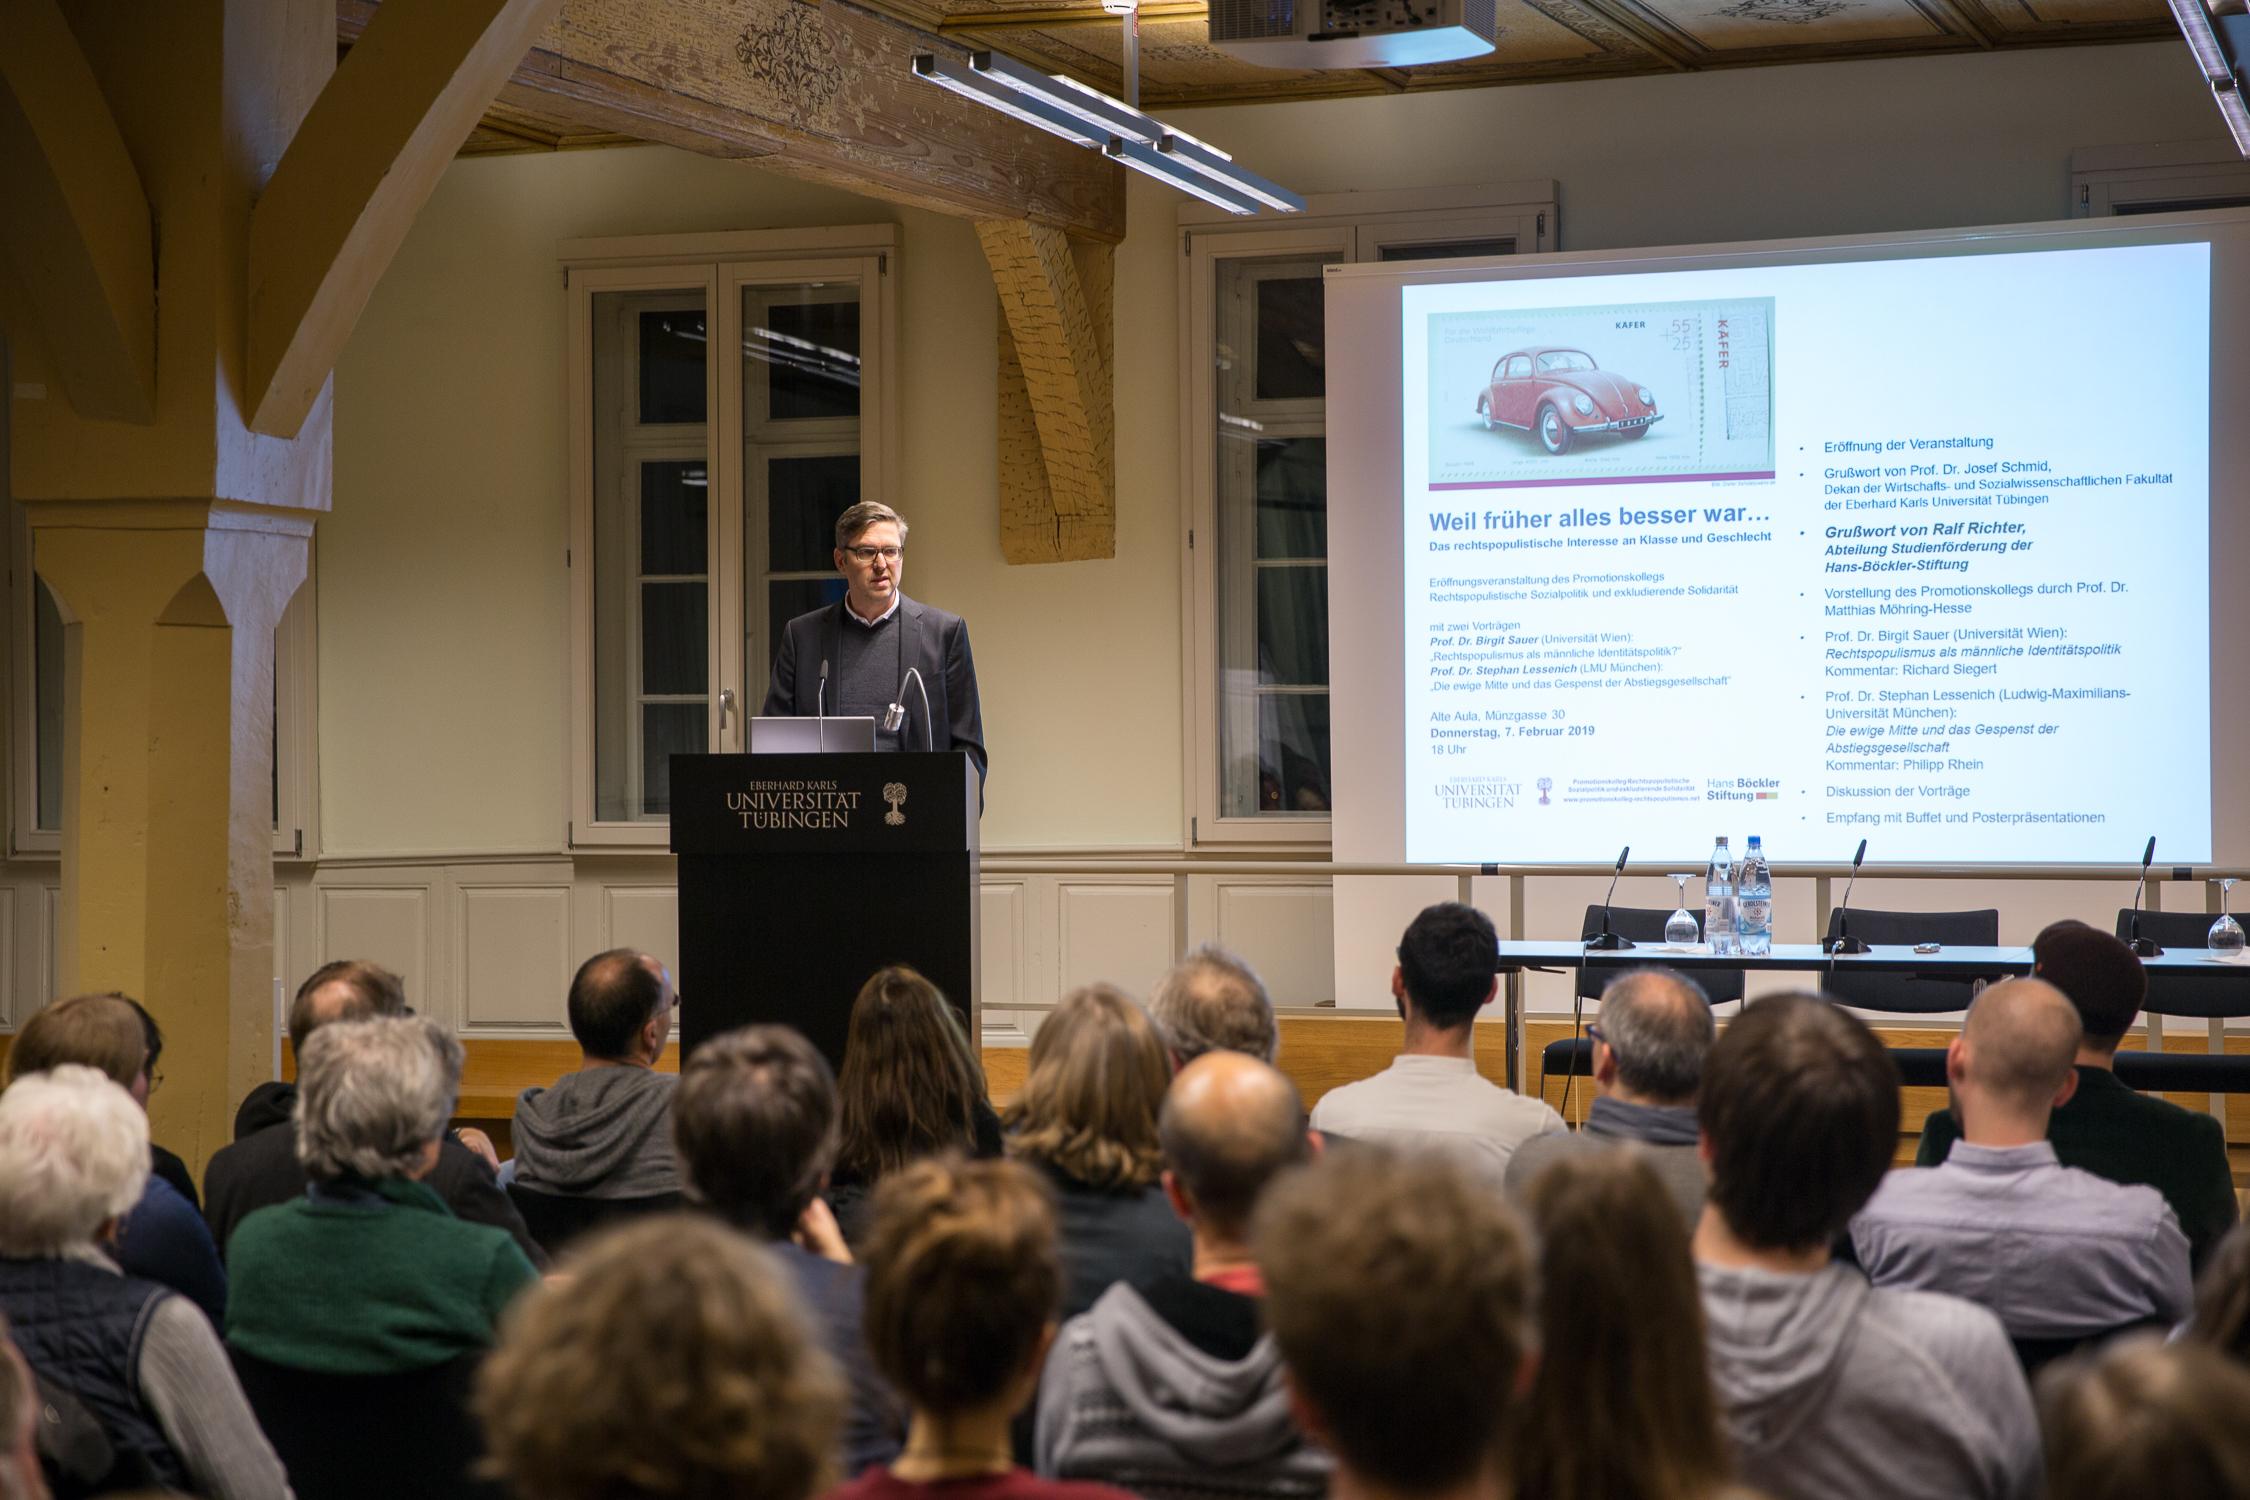 Ralf Richter von der Abteilung Studienförderung der Hans-Böckler-Stiftung, die das Kolleg finanziert, spricht im Namen der Stiftung.